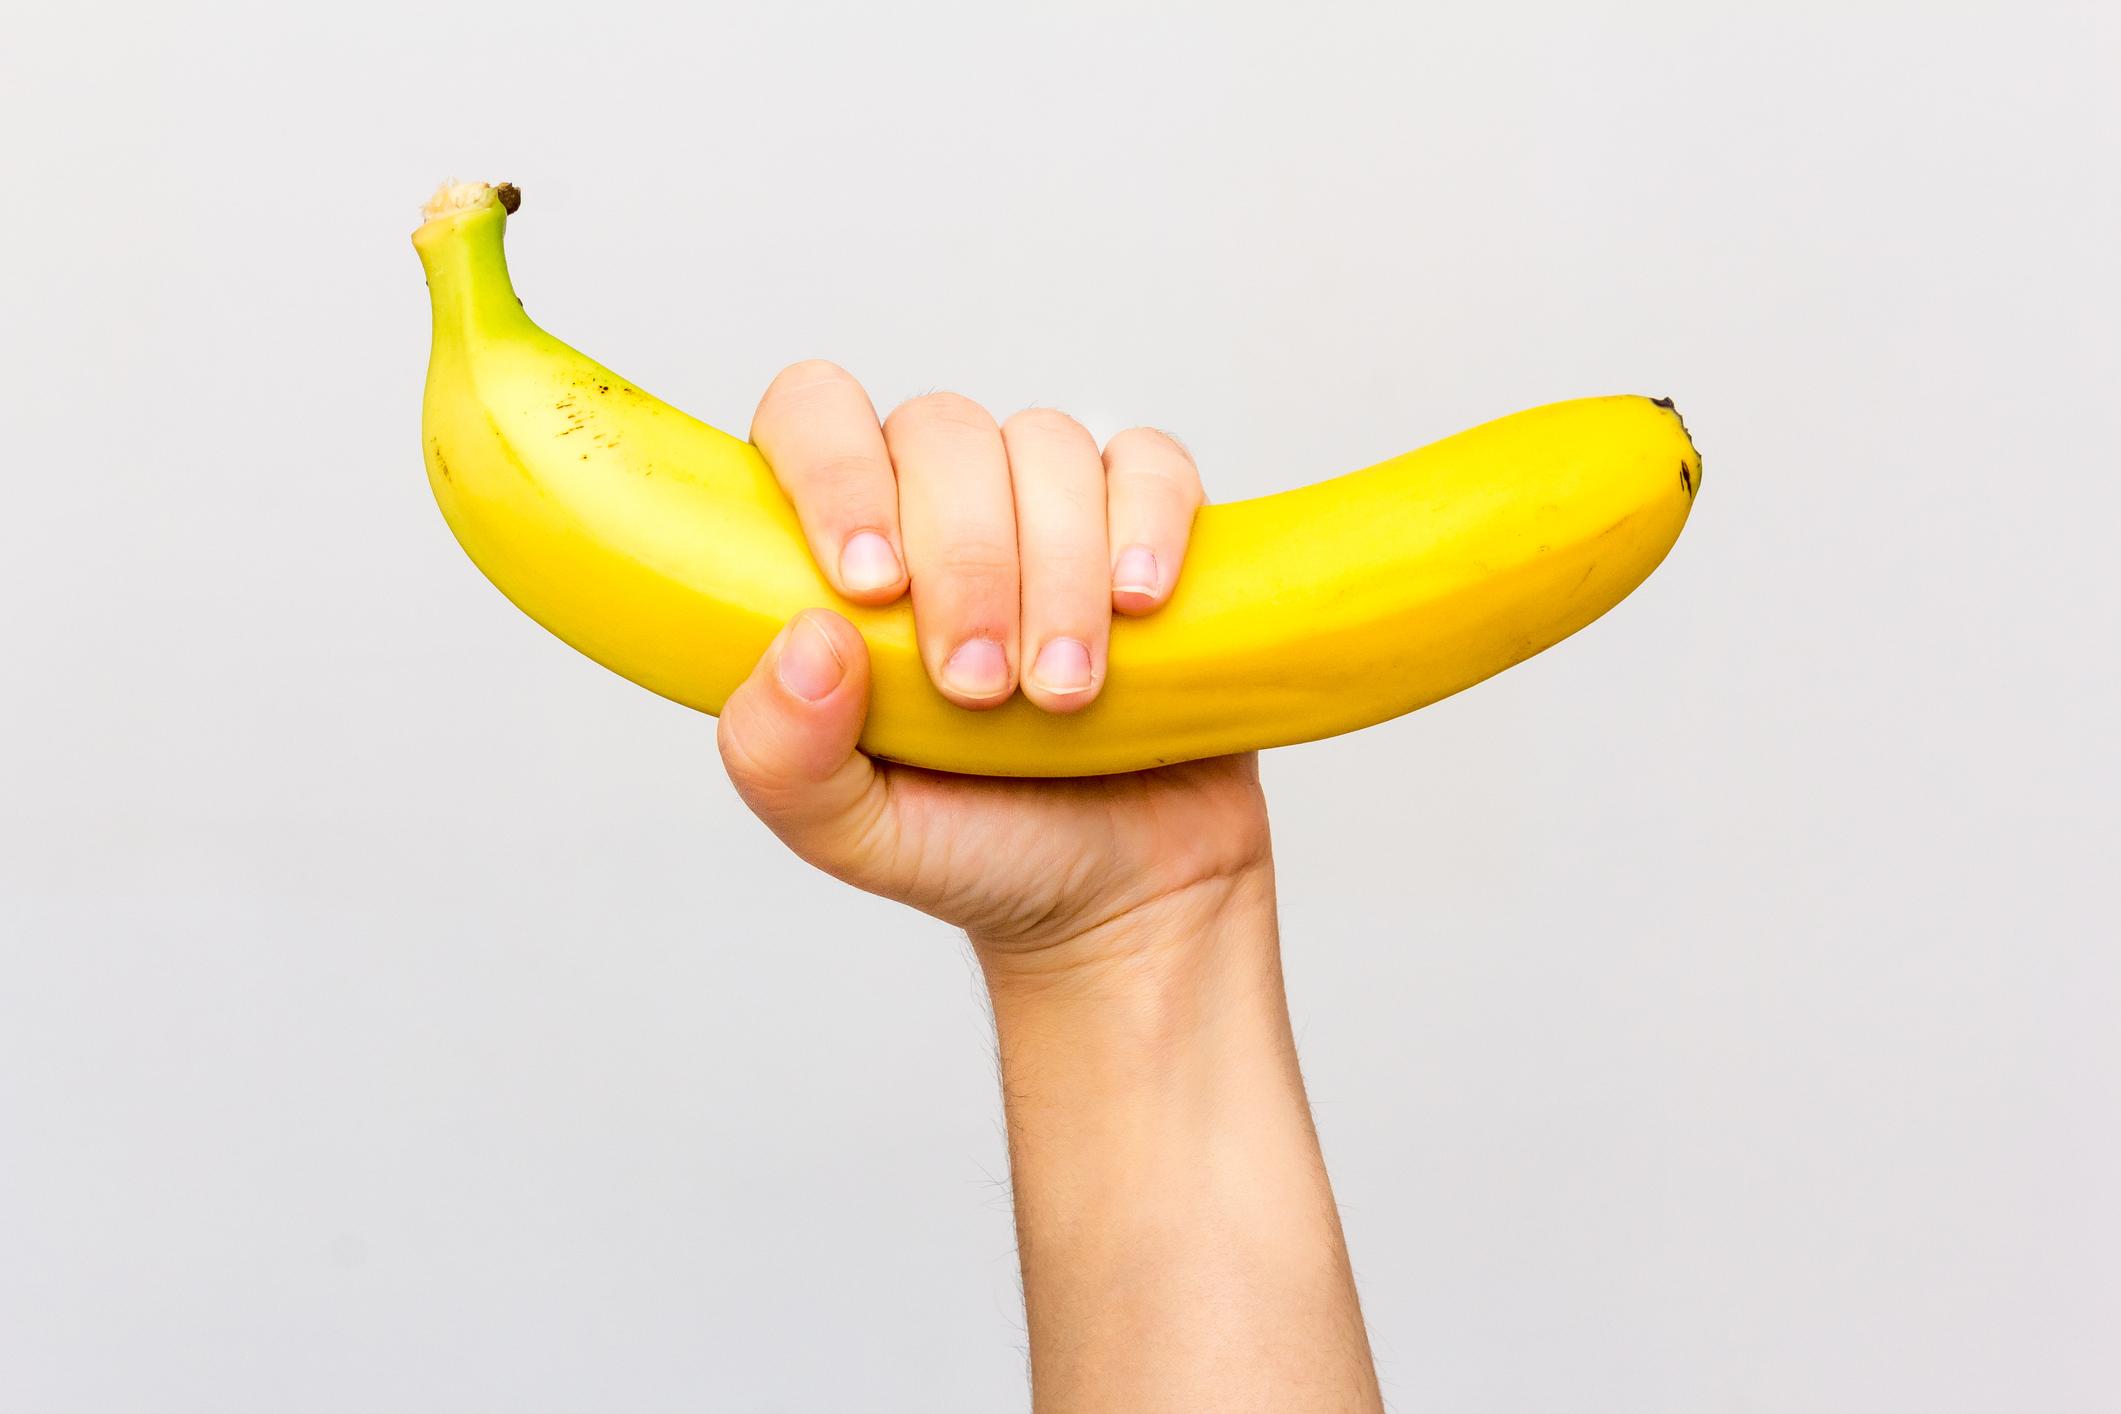 Храненето - Красотата винаги идва отвътре навън, затова за здрава кожа на ръцете и здрави нокти трябва да се храните с богати на различни витамини и минерали храни. Всички храни, богати на витамин А, сред които са зеленчуците с жълт и оранжев цвят, като морковите са добре дошли. За растежа на ноктите ви пък се запасявайте с Витамин Б, който се съдържа много в бананите, но и още в картофите и лещата например.